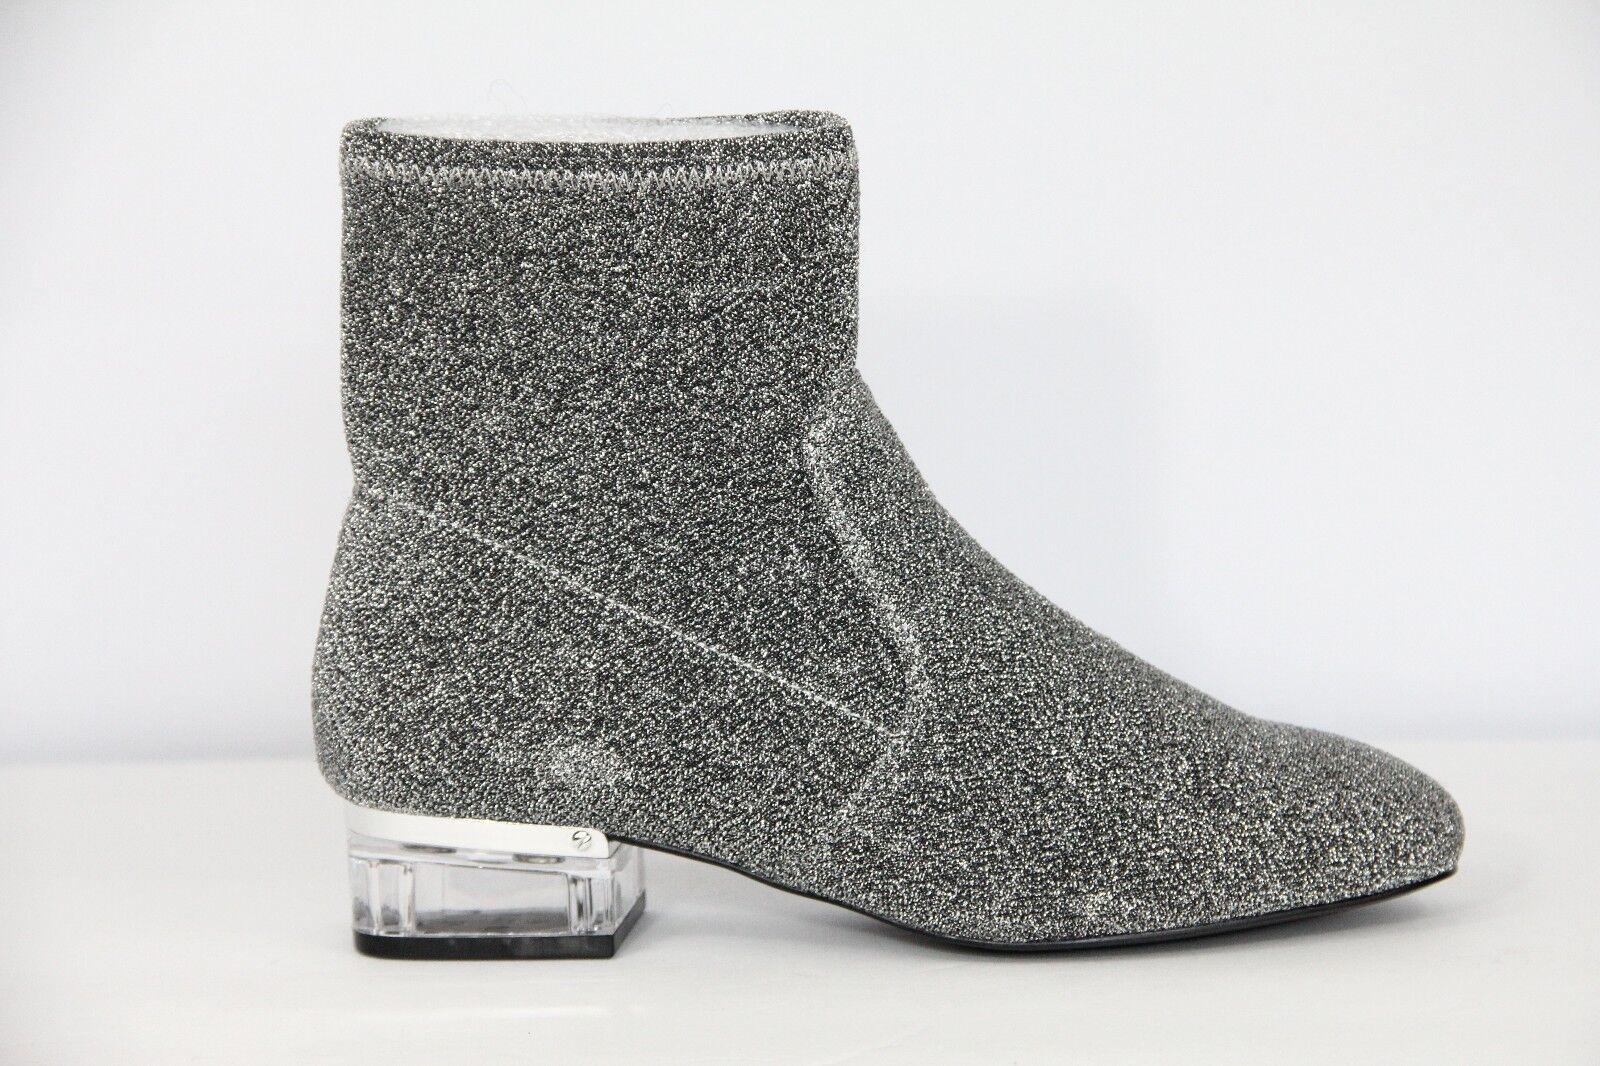 Nine West Damenschuhe Stiefel Fashion Booties Silver Metallic Stretch Retro sz 8 NEU